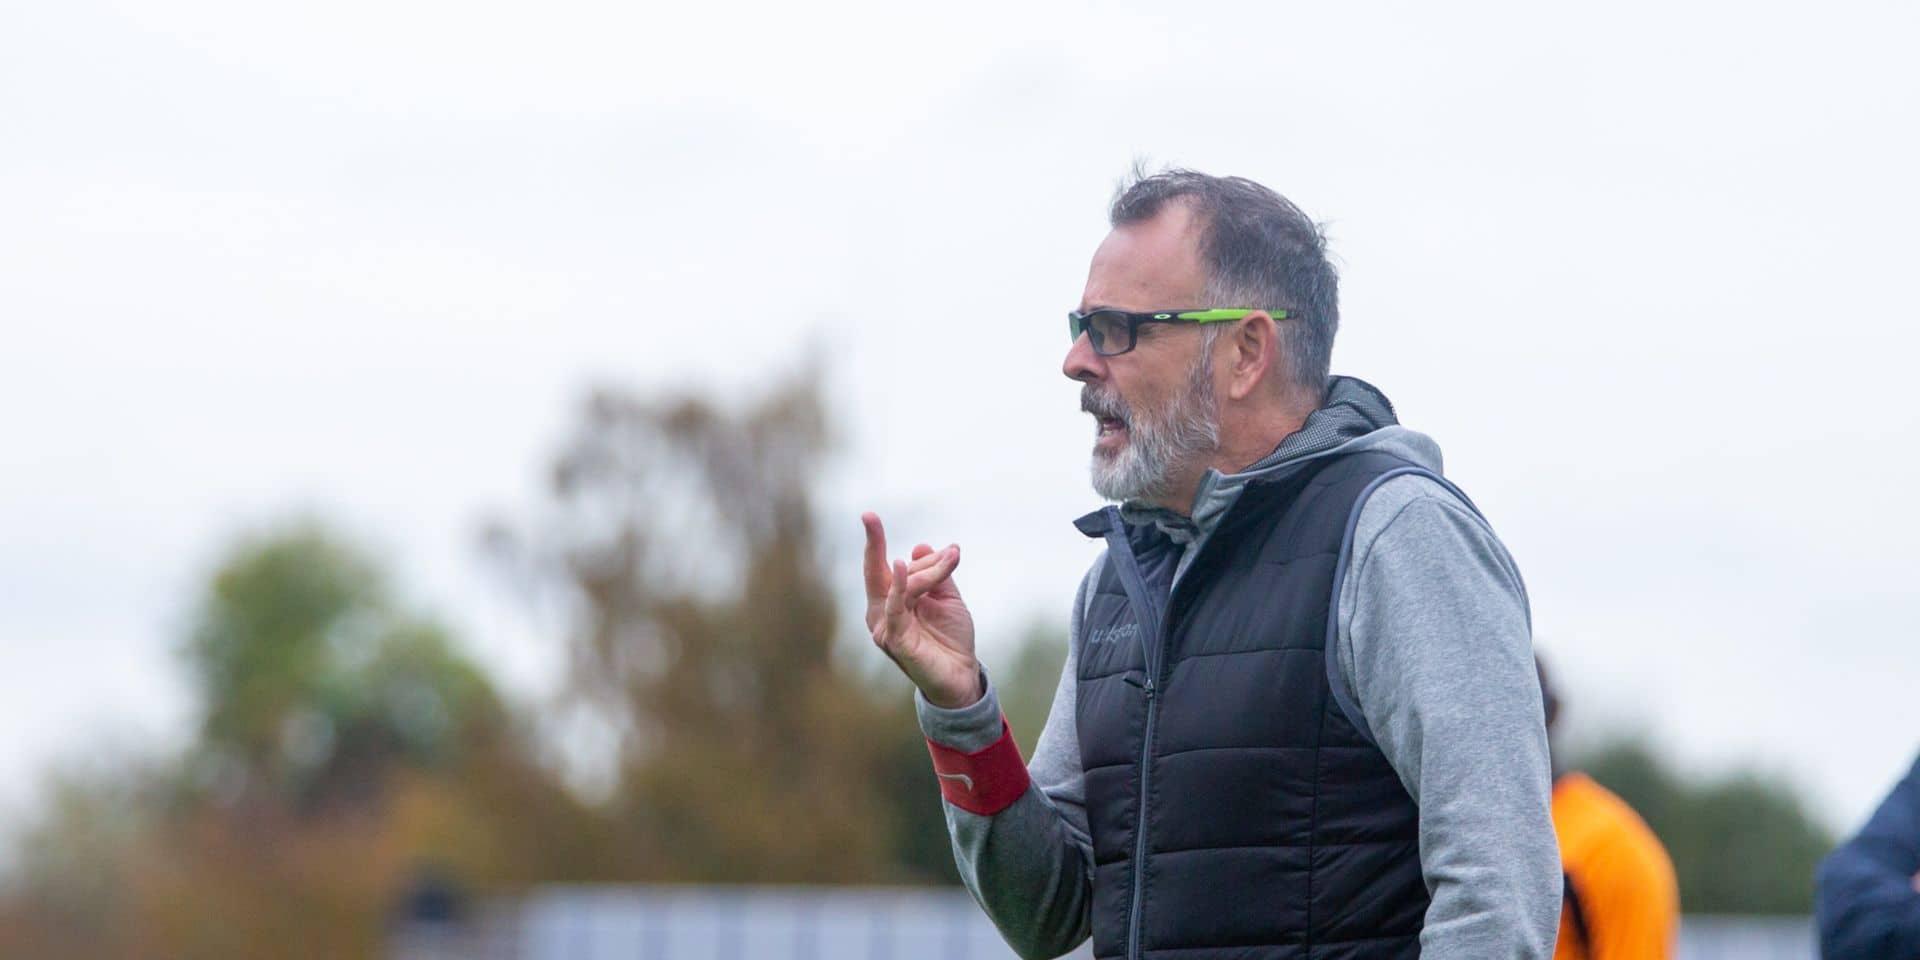 Jehay-Fize en Coupe de la province de Liège: une histoire de retrouvailles